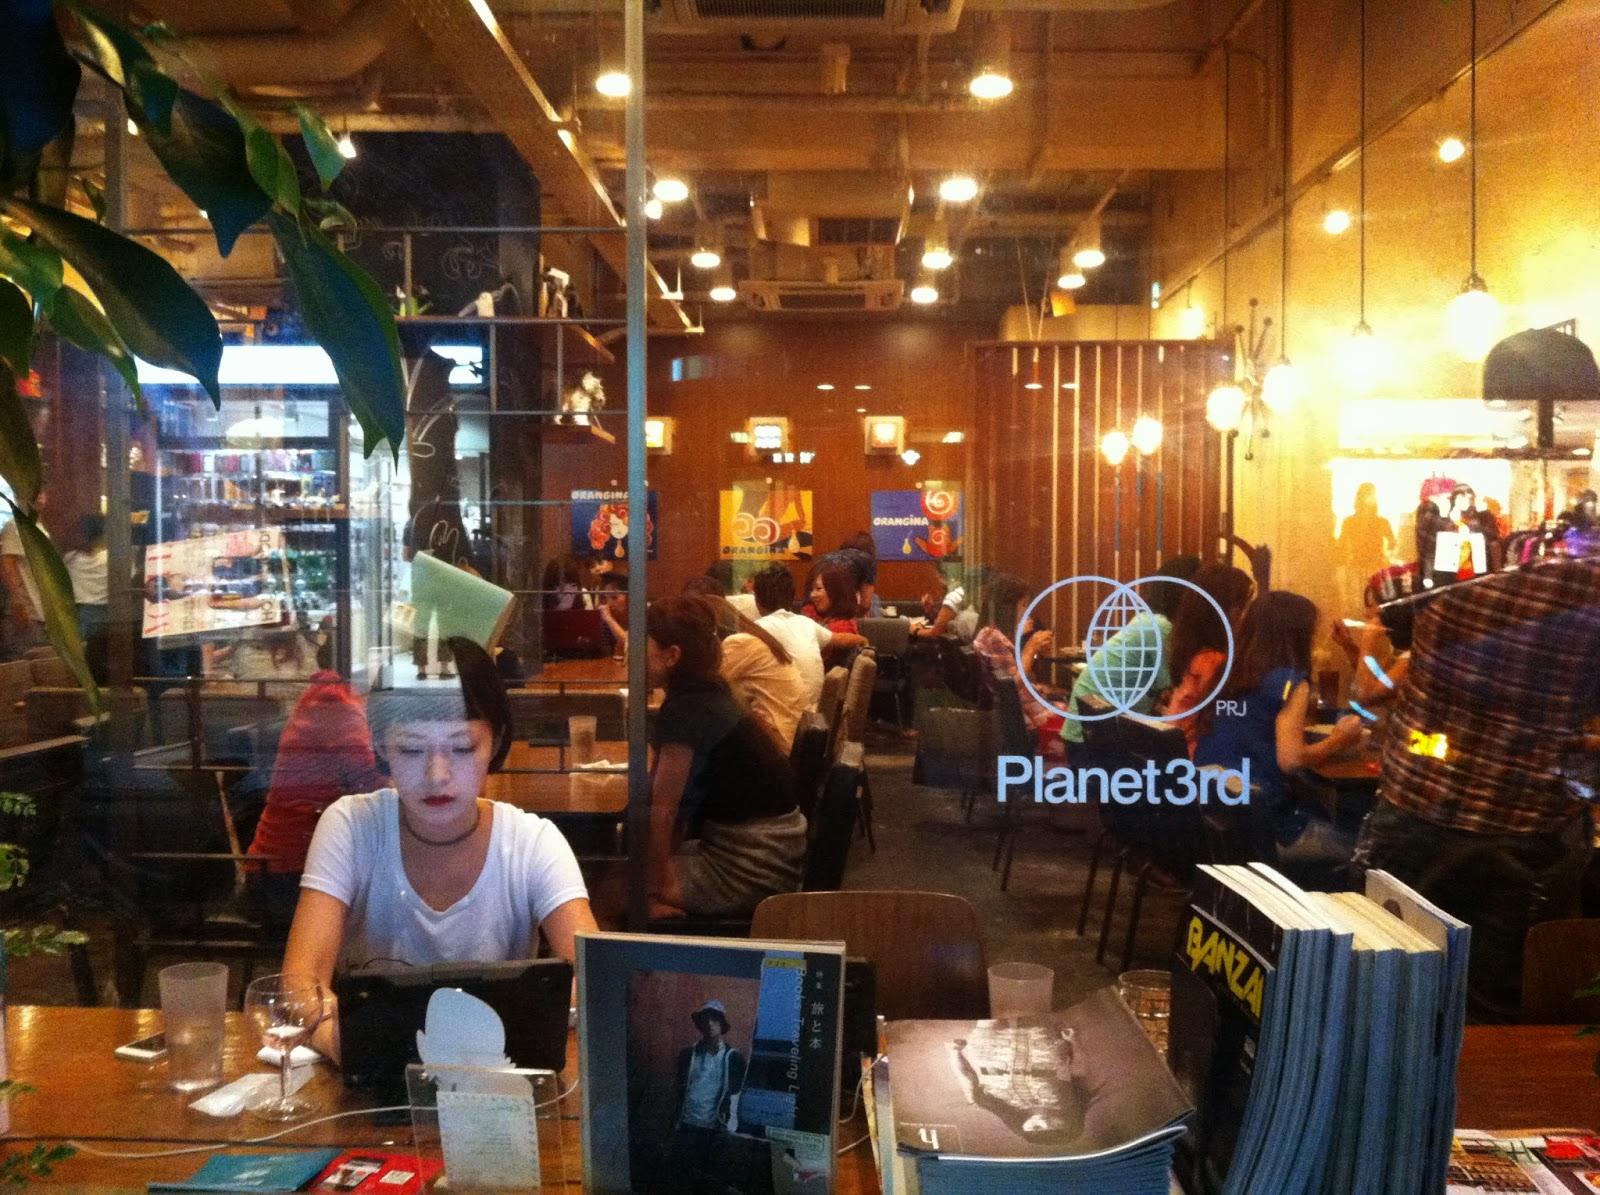 Osaka Planet 3rd